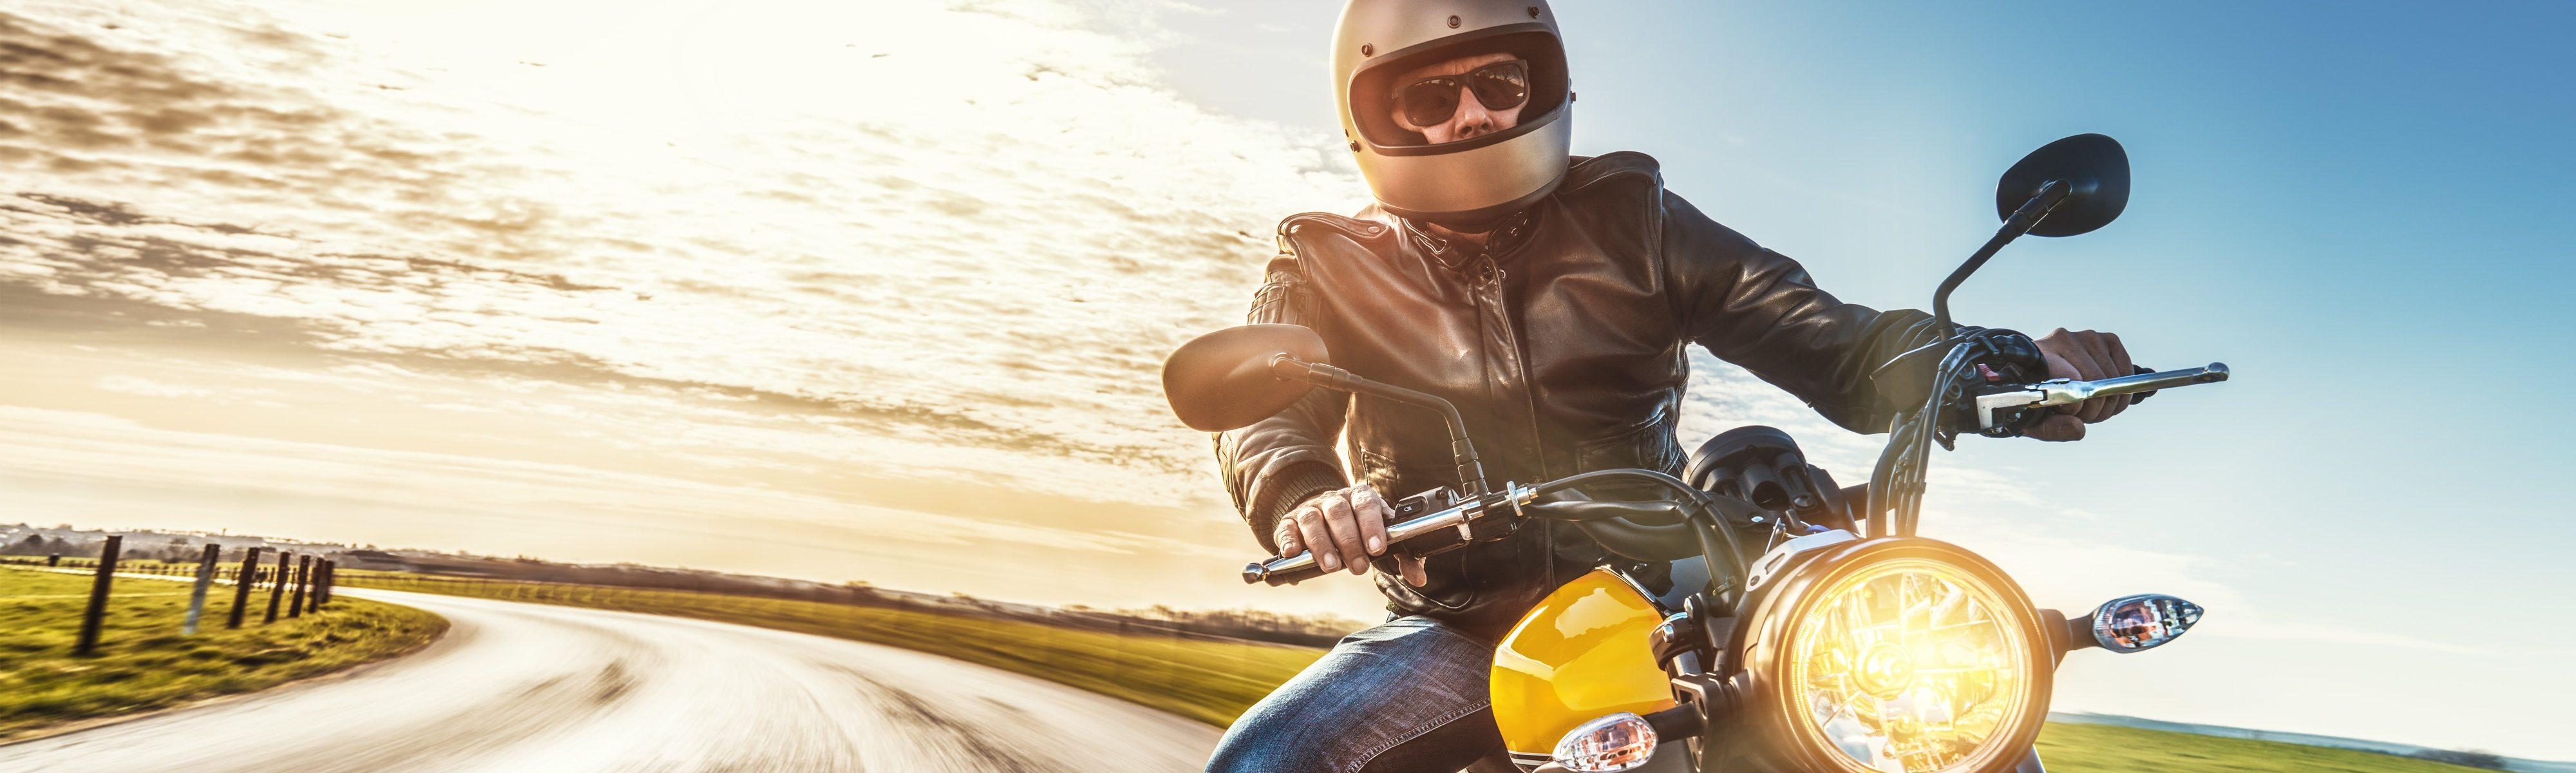 Un crédit pour une voiture ou une moto